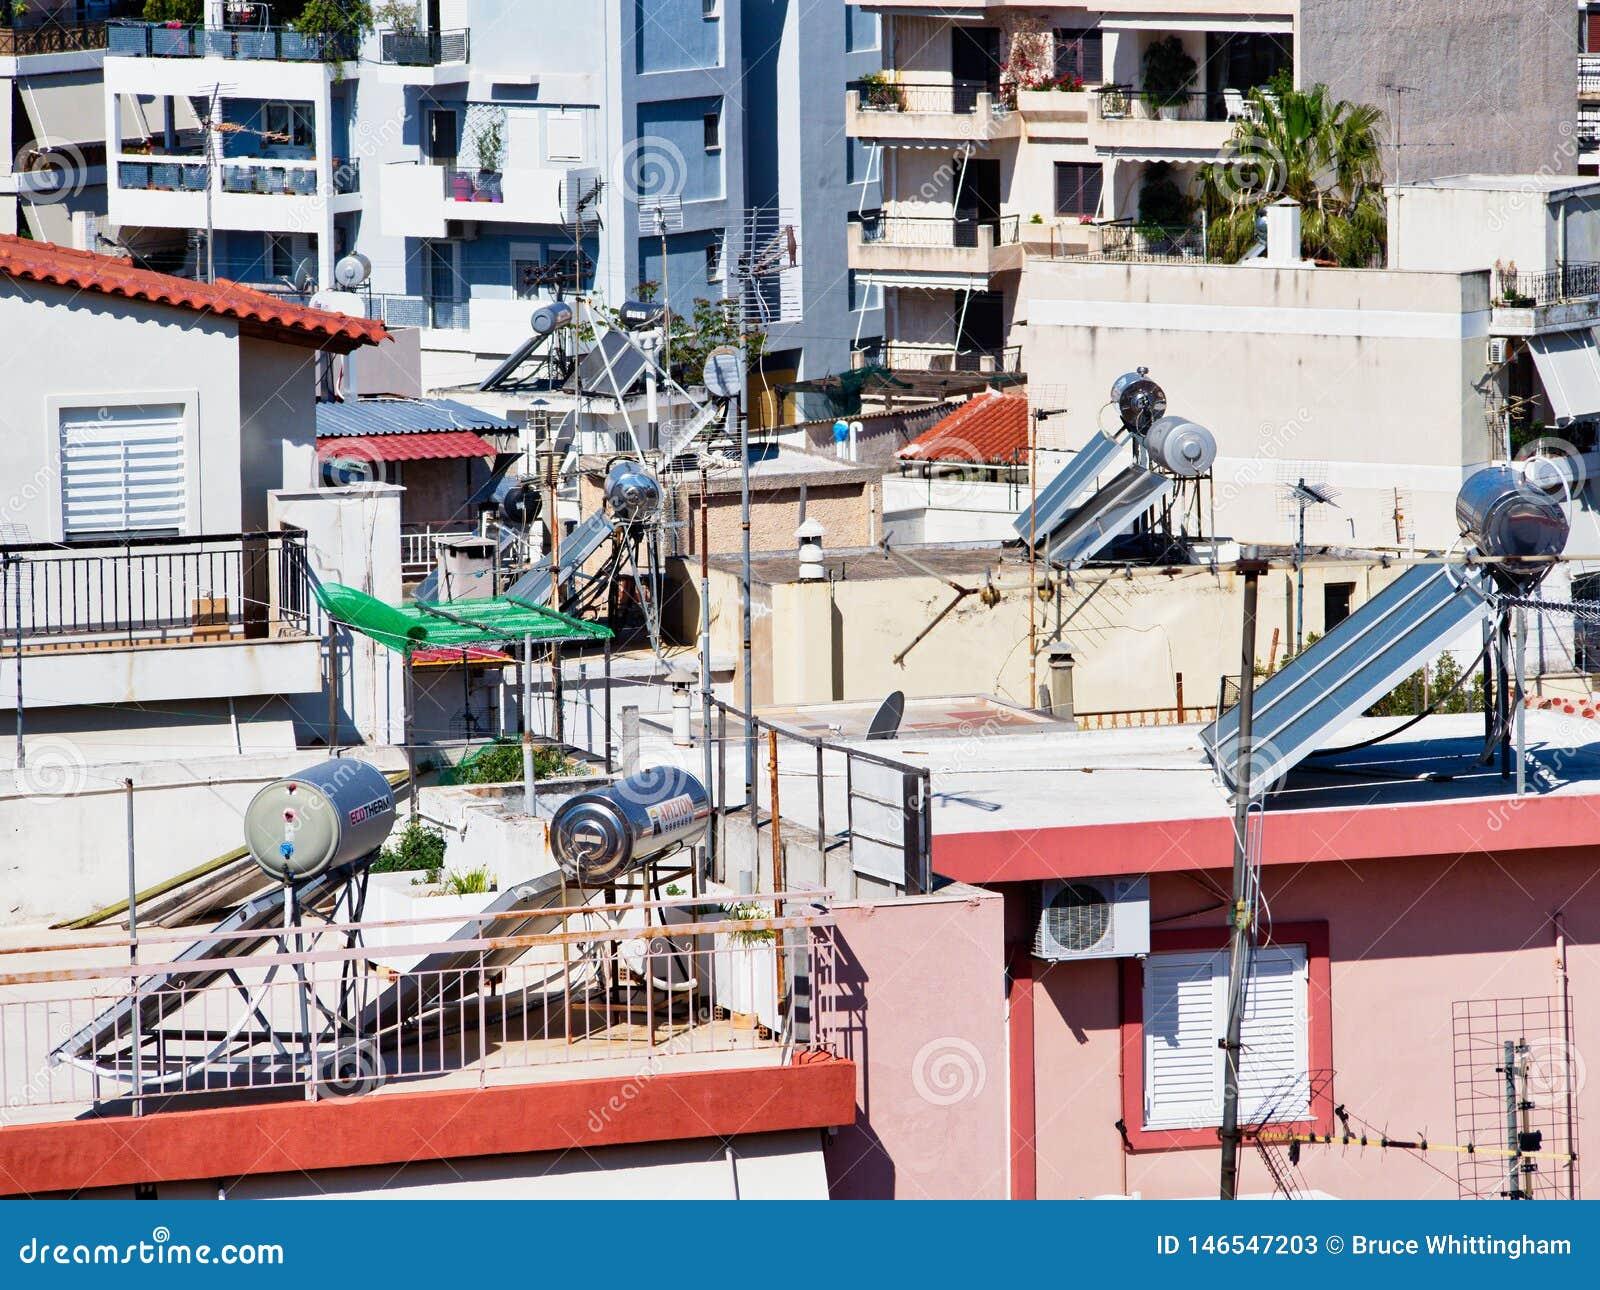 Circuitos de agua calientes solares en las casas de alta densidad de Atenas, Grecia